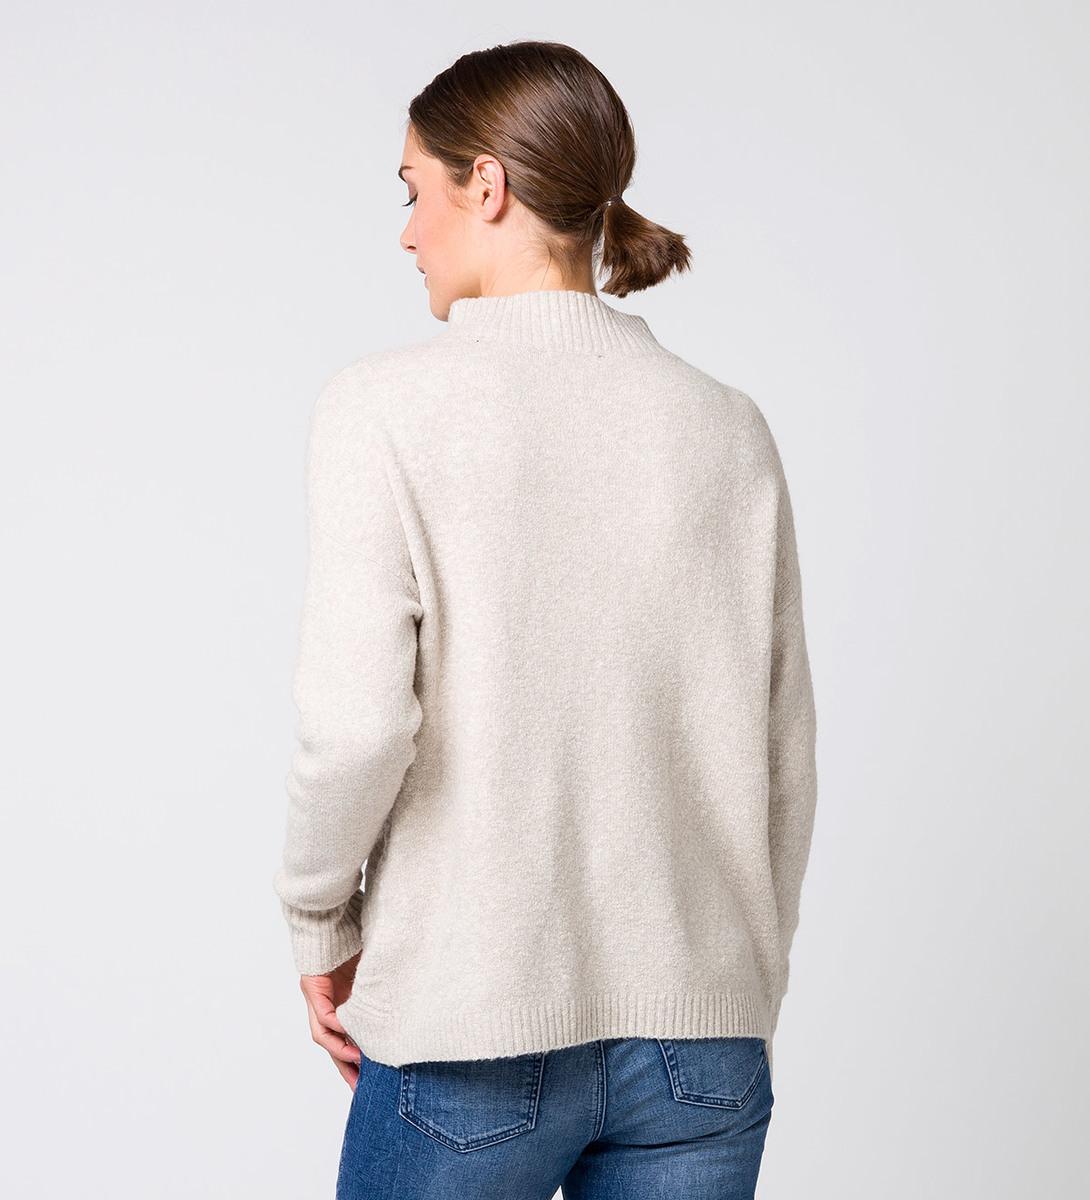 Pullover mit Strickmuster in dove grey-m